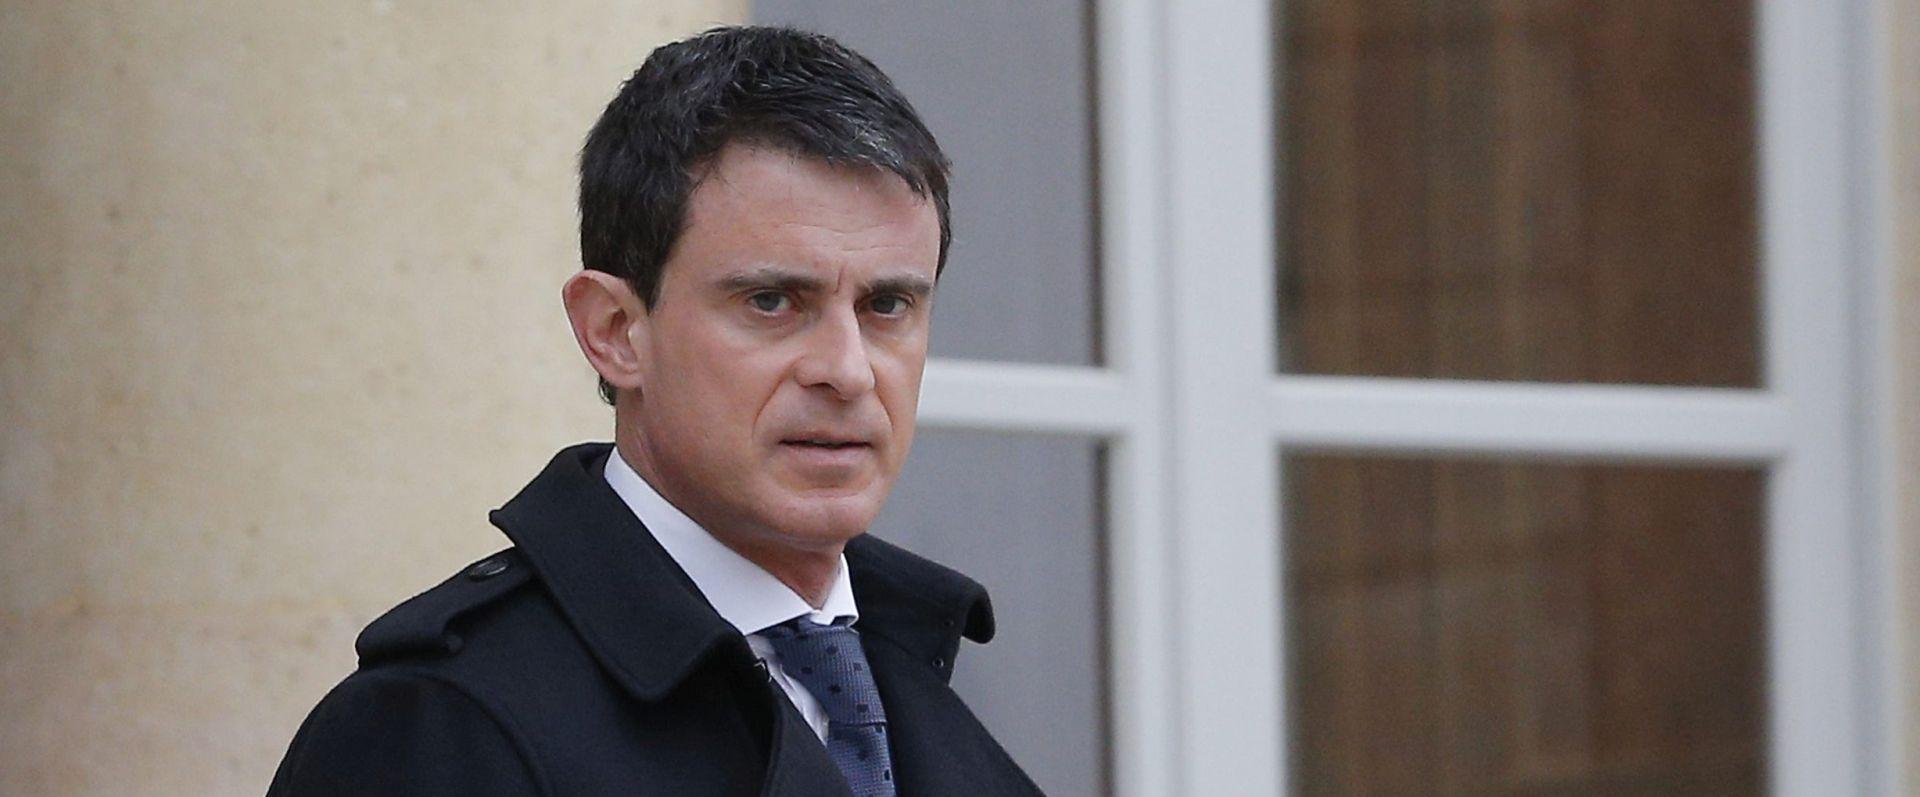 Manuel Valls: Otkazivanje Eura bio bi naš poraz i pobjeda terorista